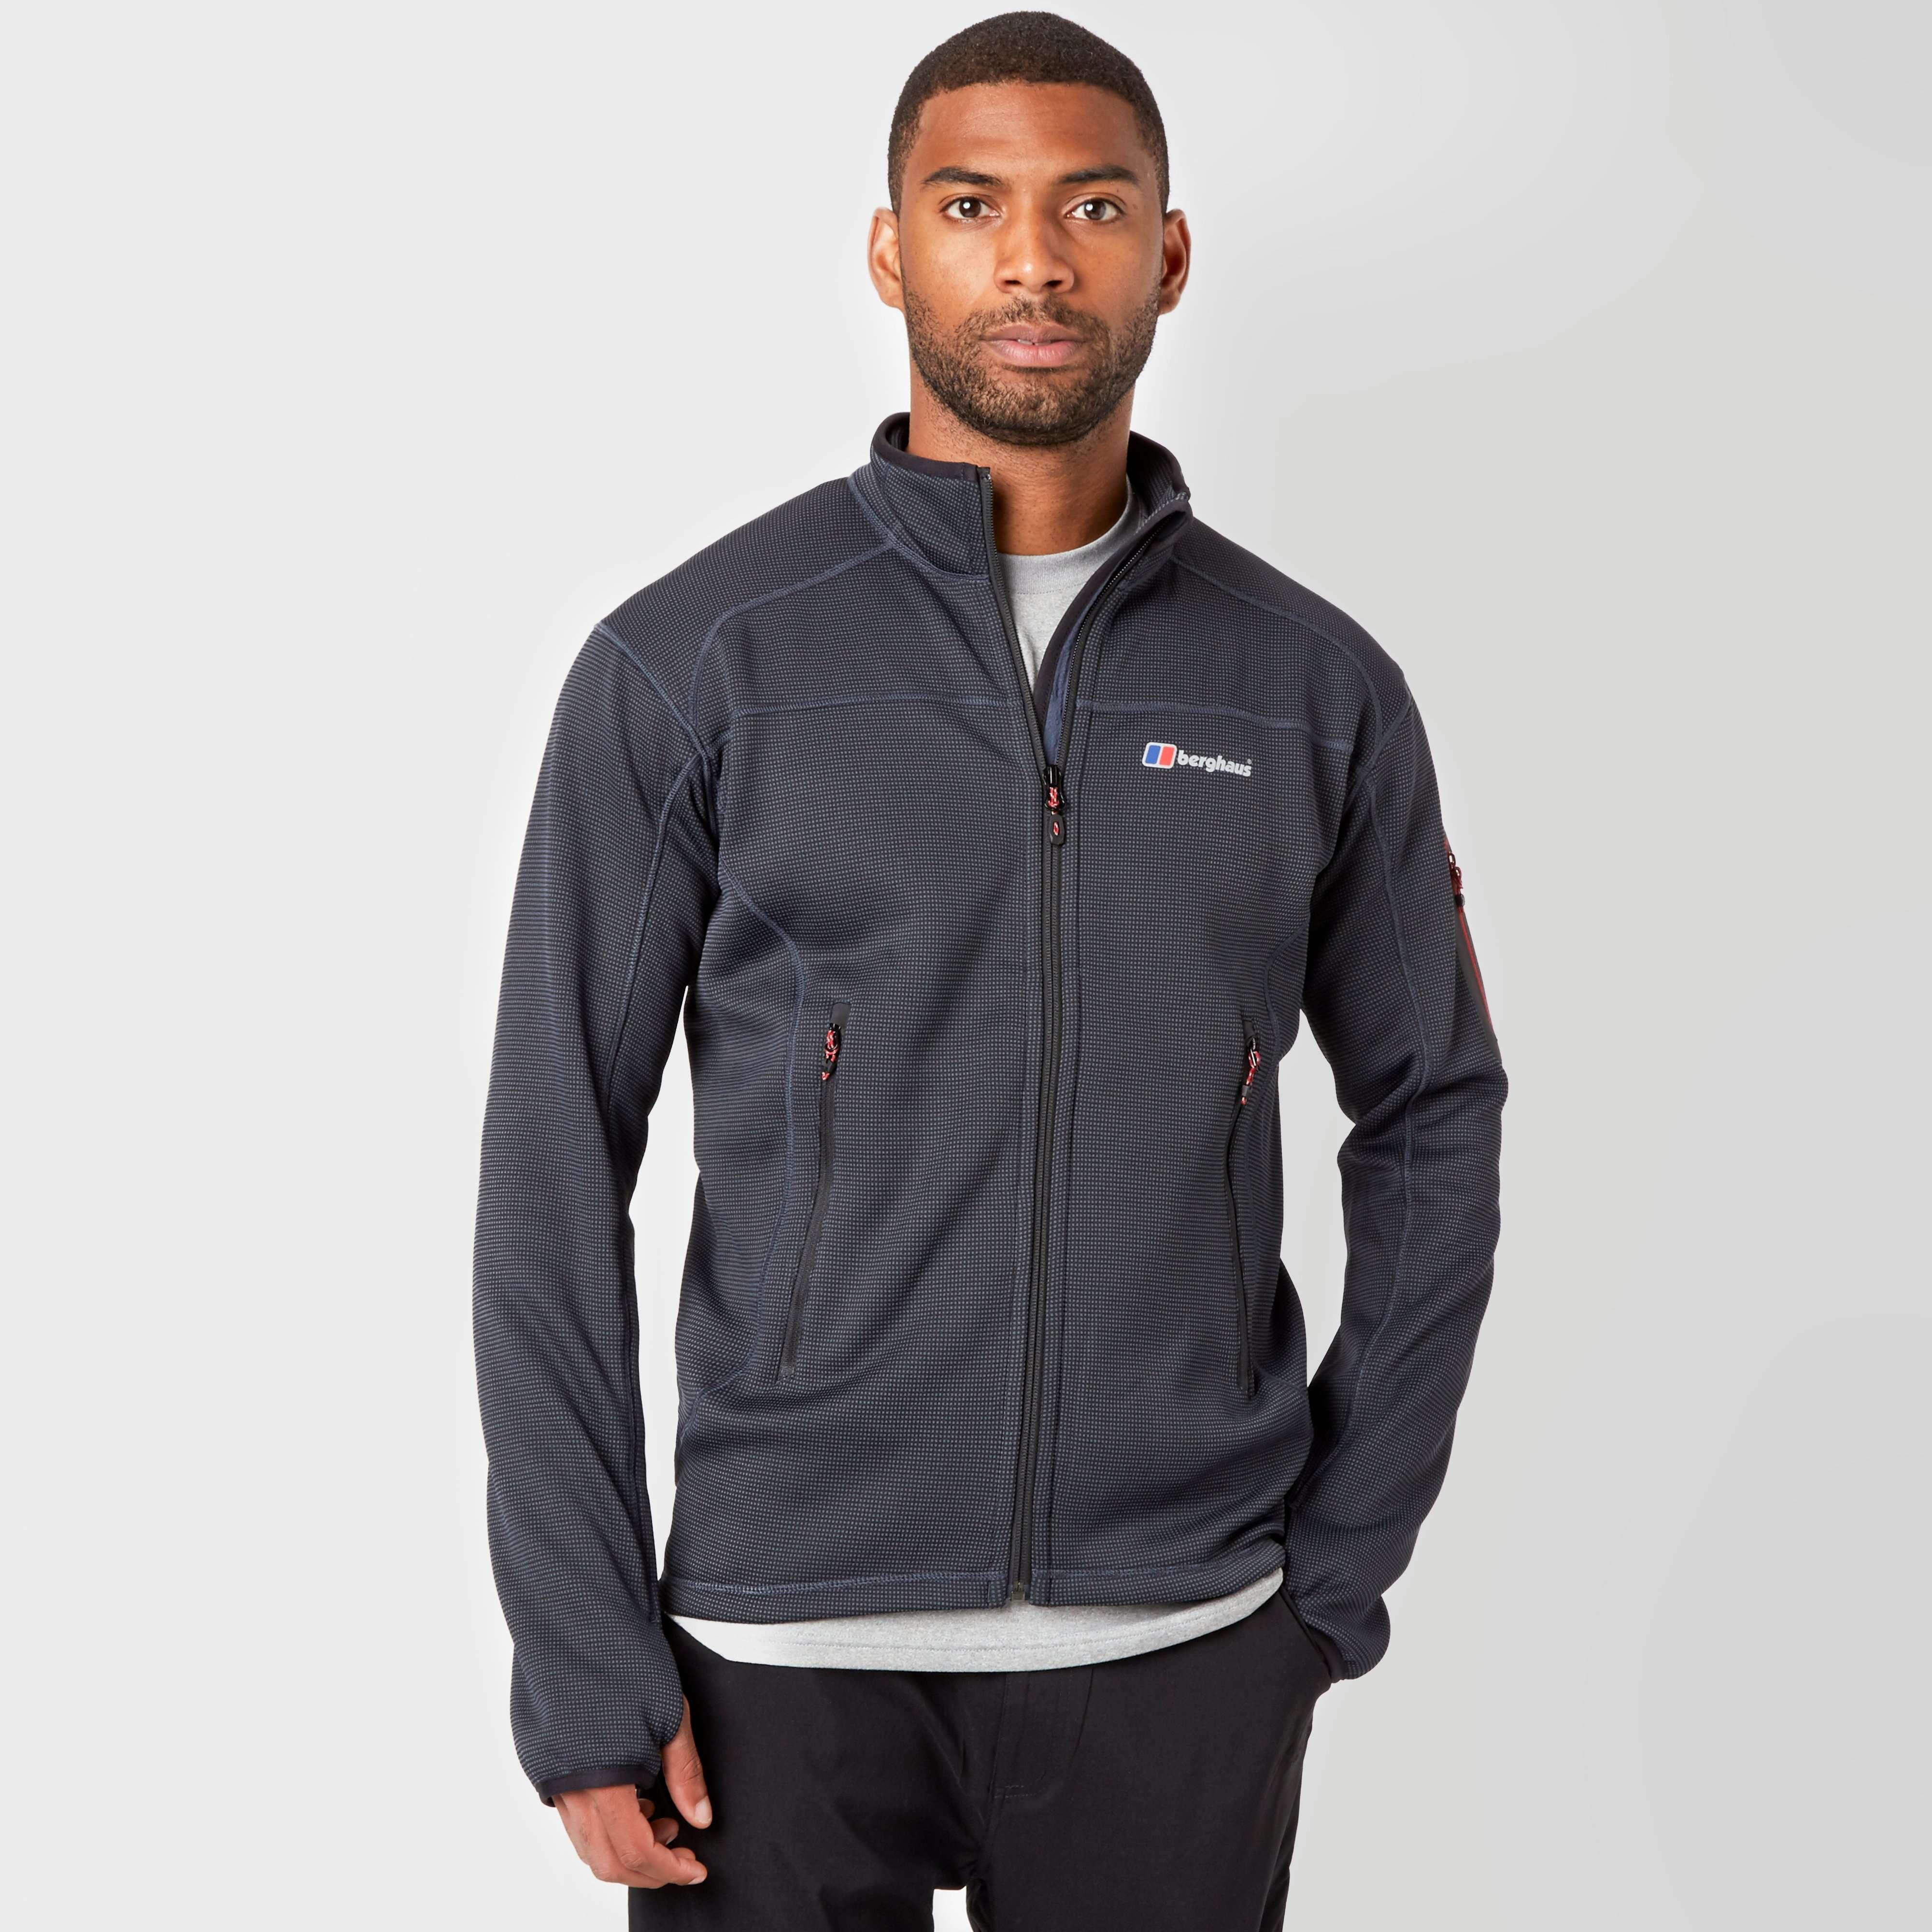 BERGHAUS Men's Pravitale 2 Fleece Jacket